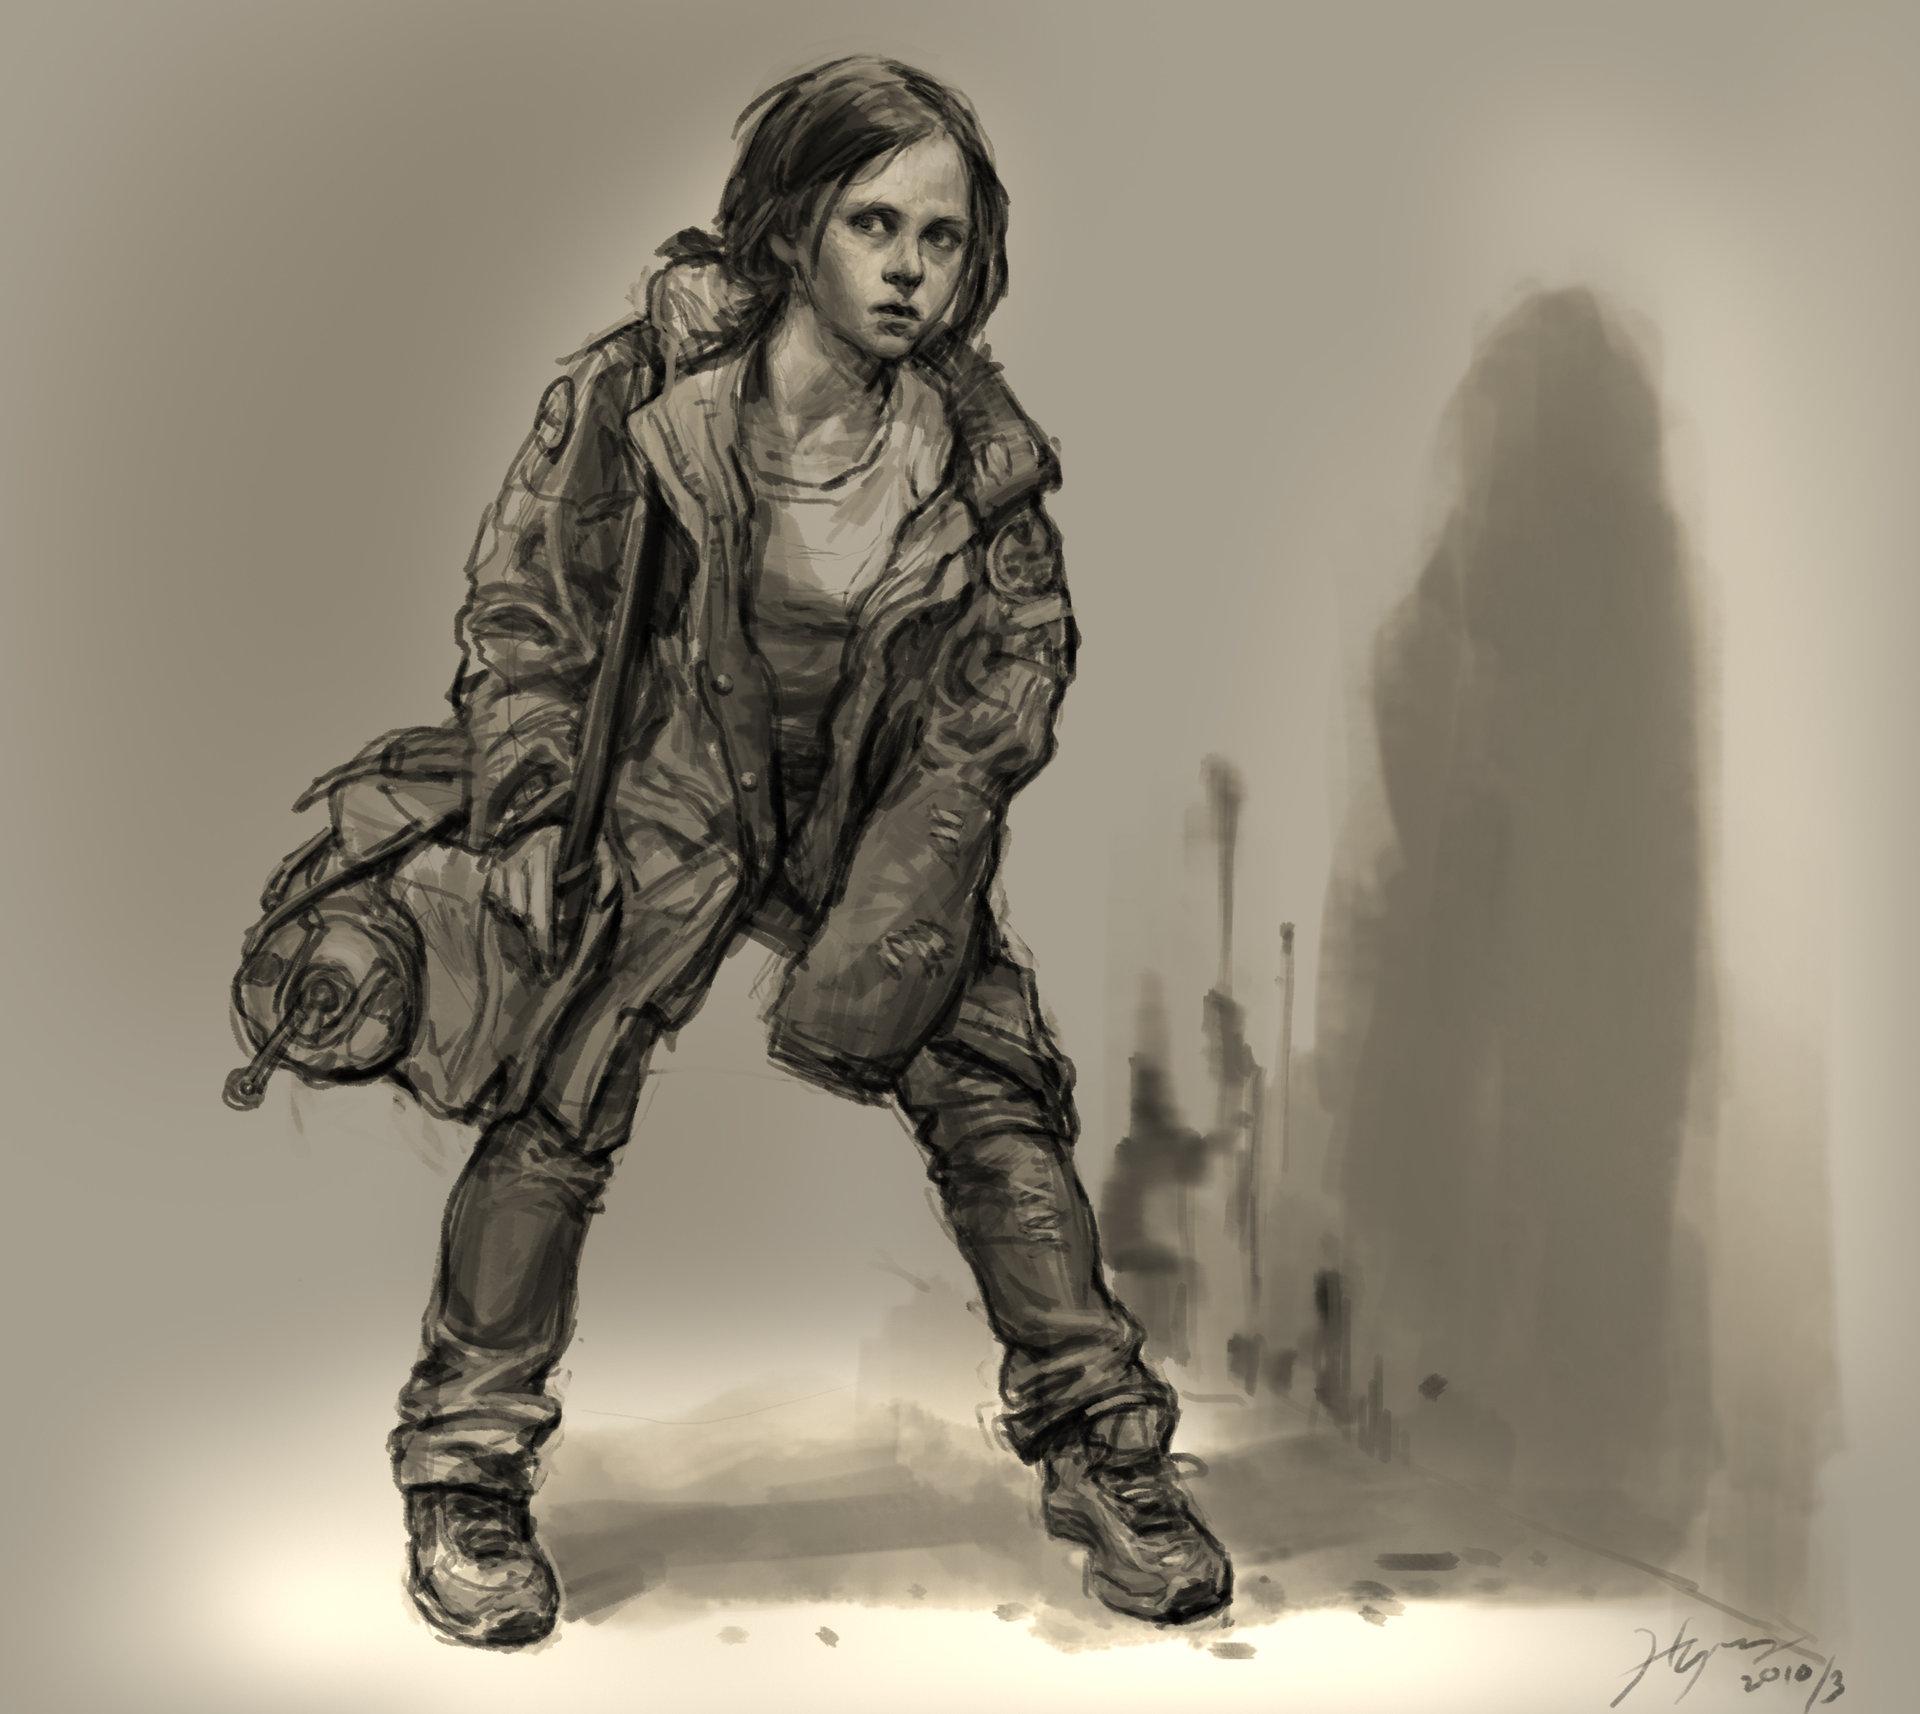 Heroine sketch hn 08